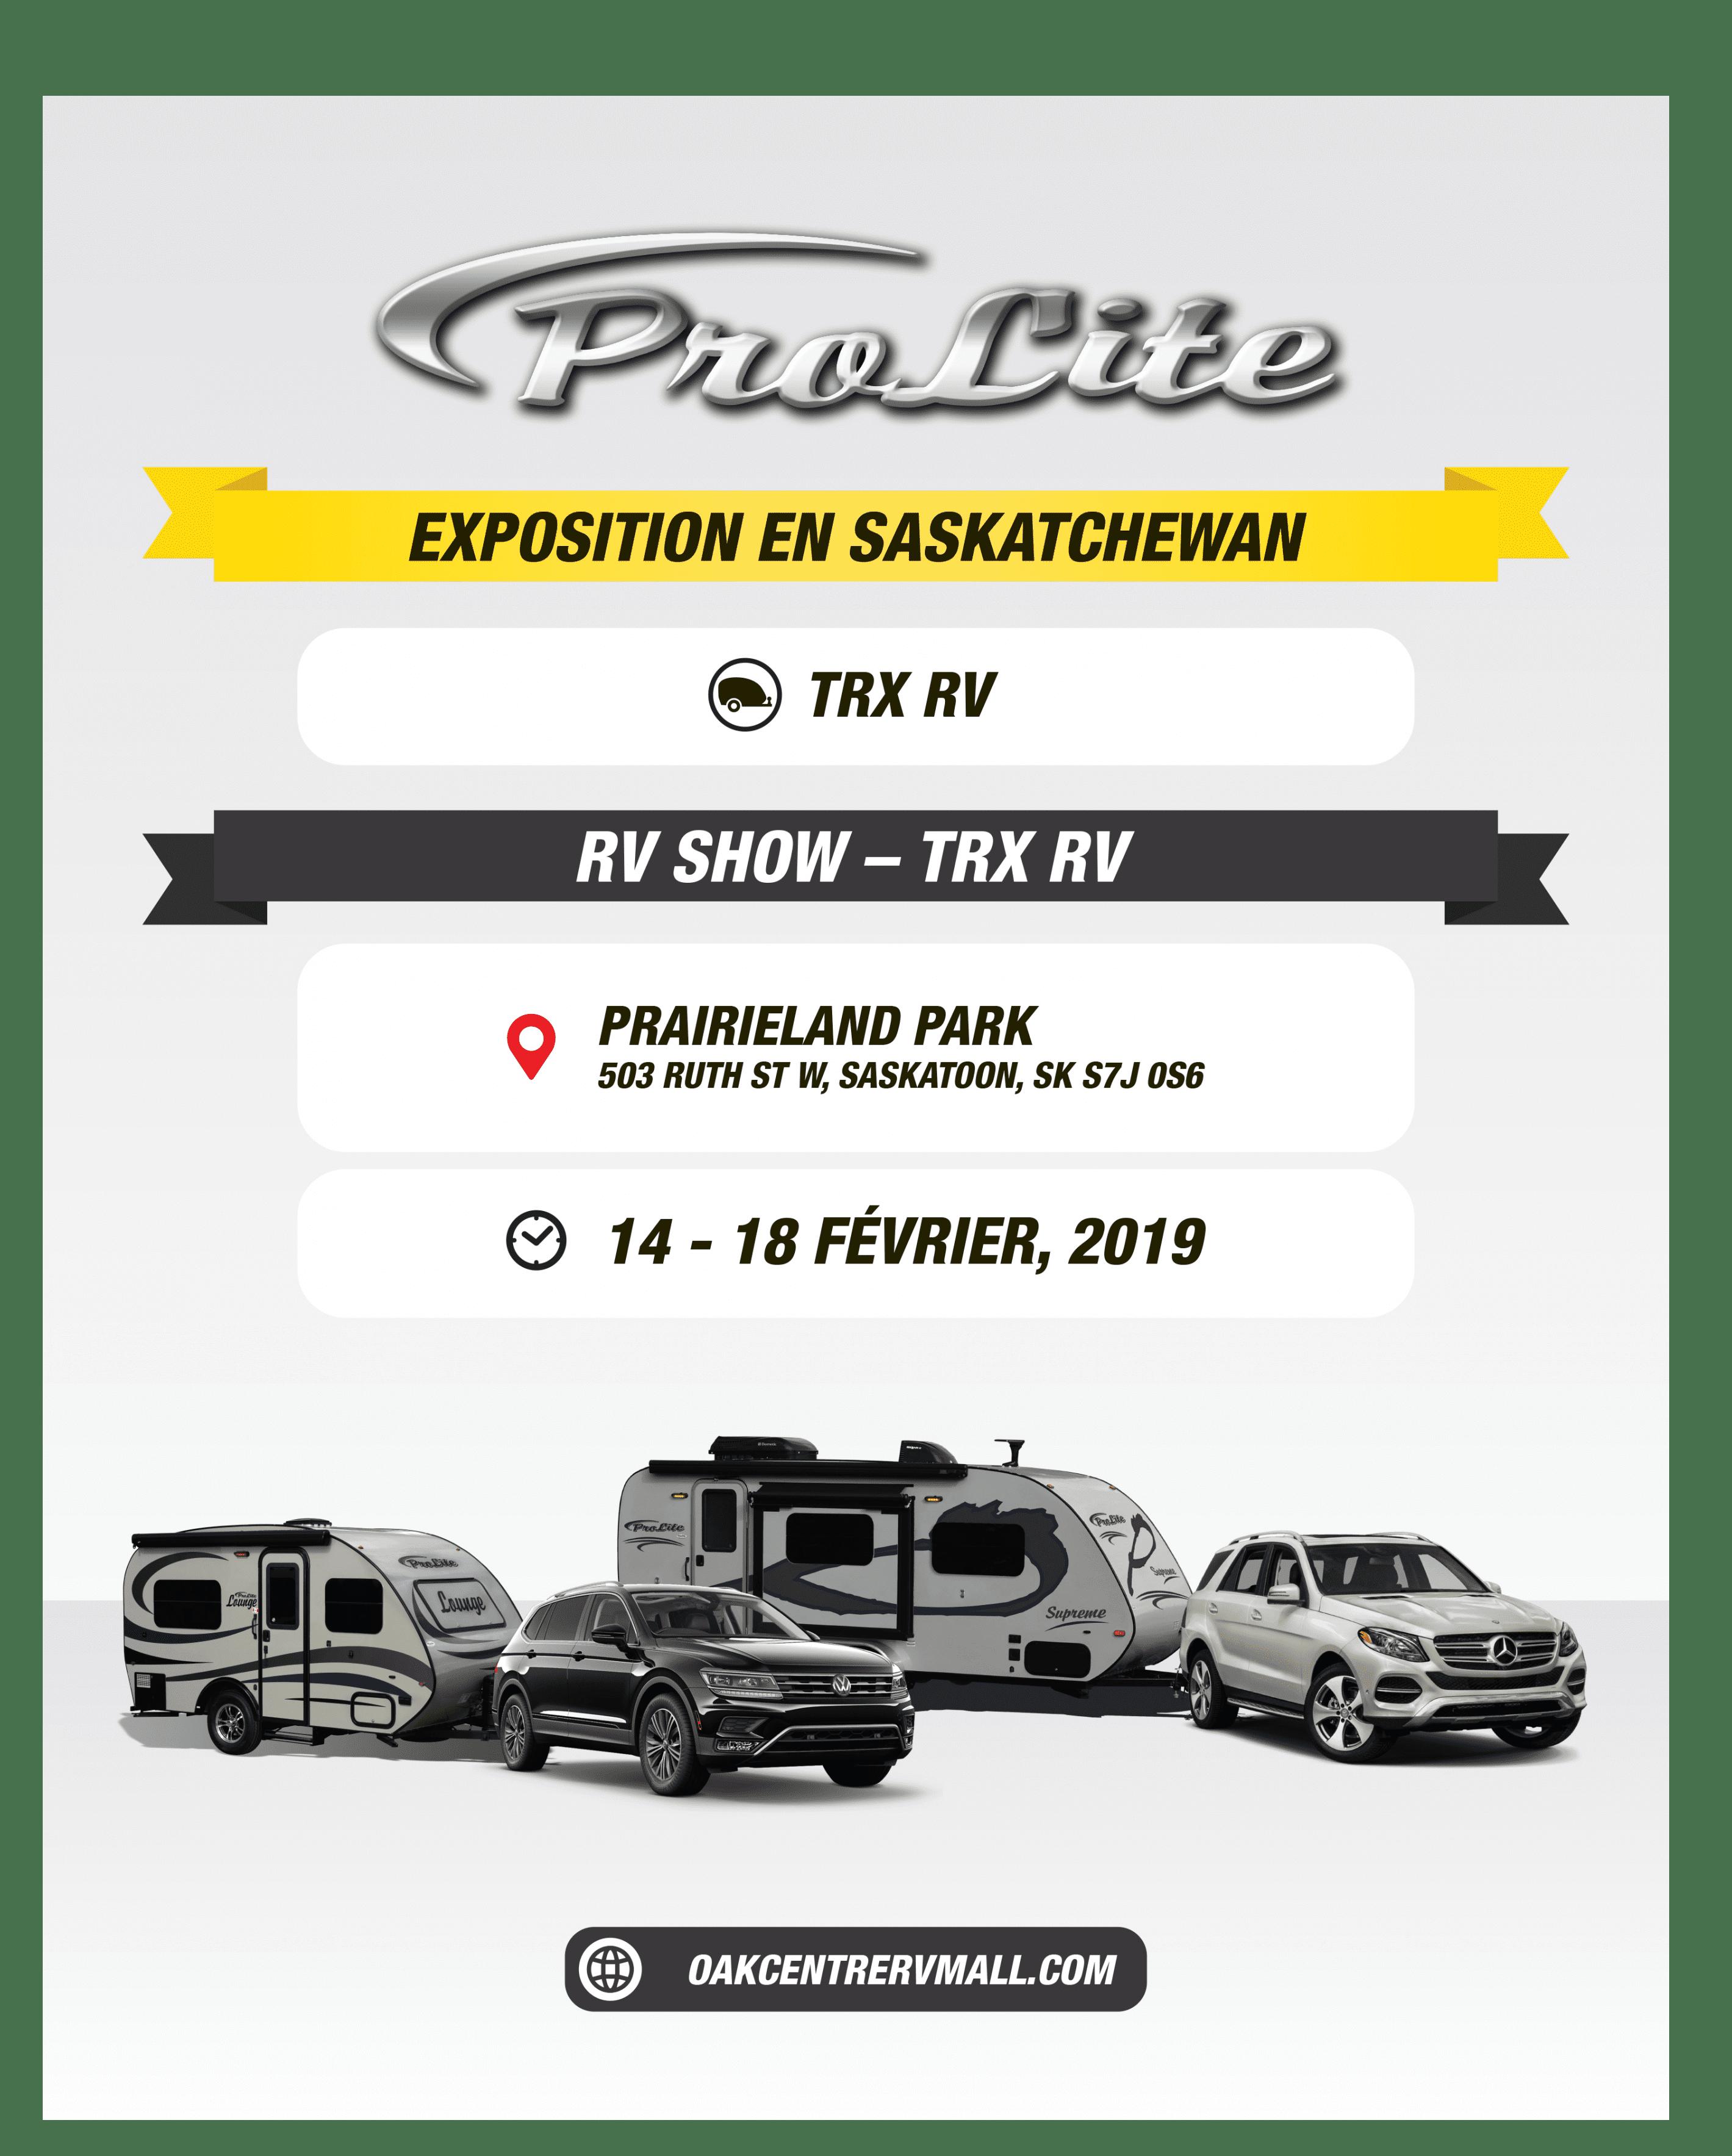 EXPOSITION ROULOTTES PROLITE-SASKATCHEWAN-Trx rv (14-18 février 2019)